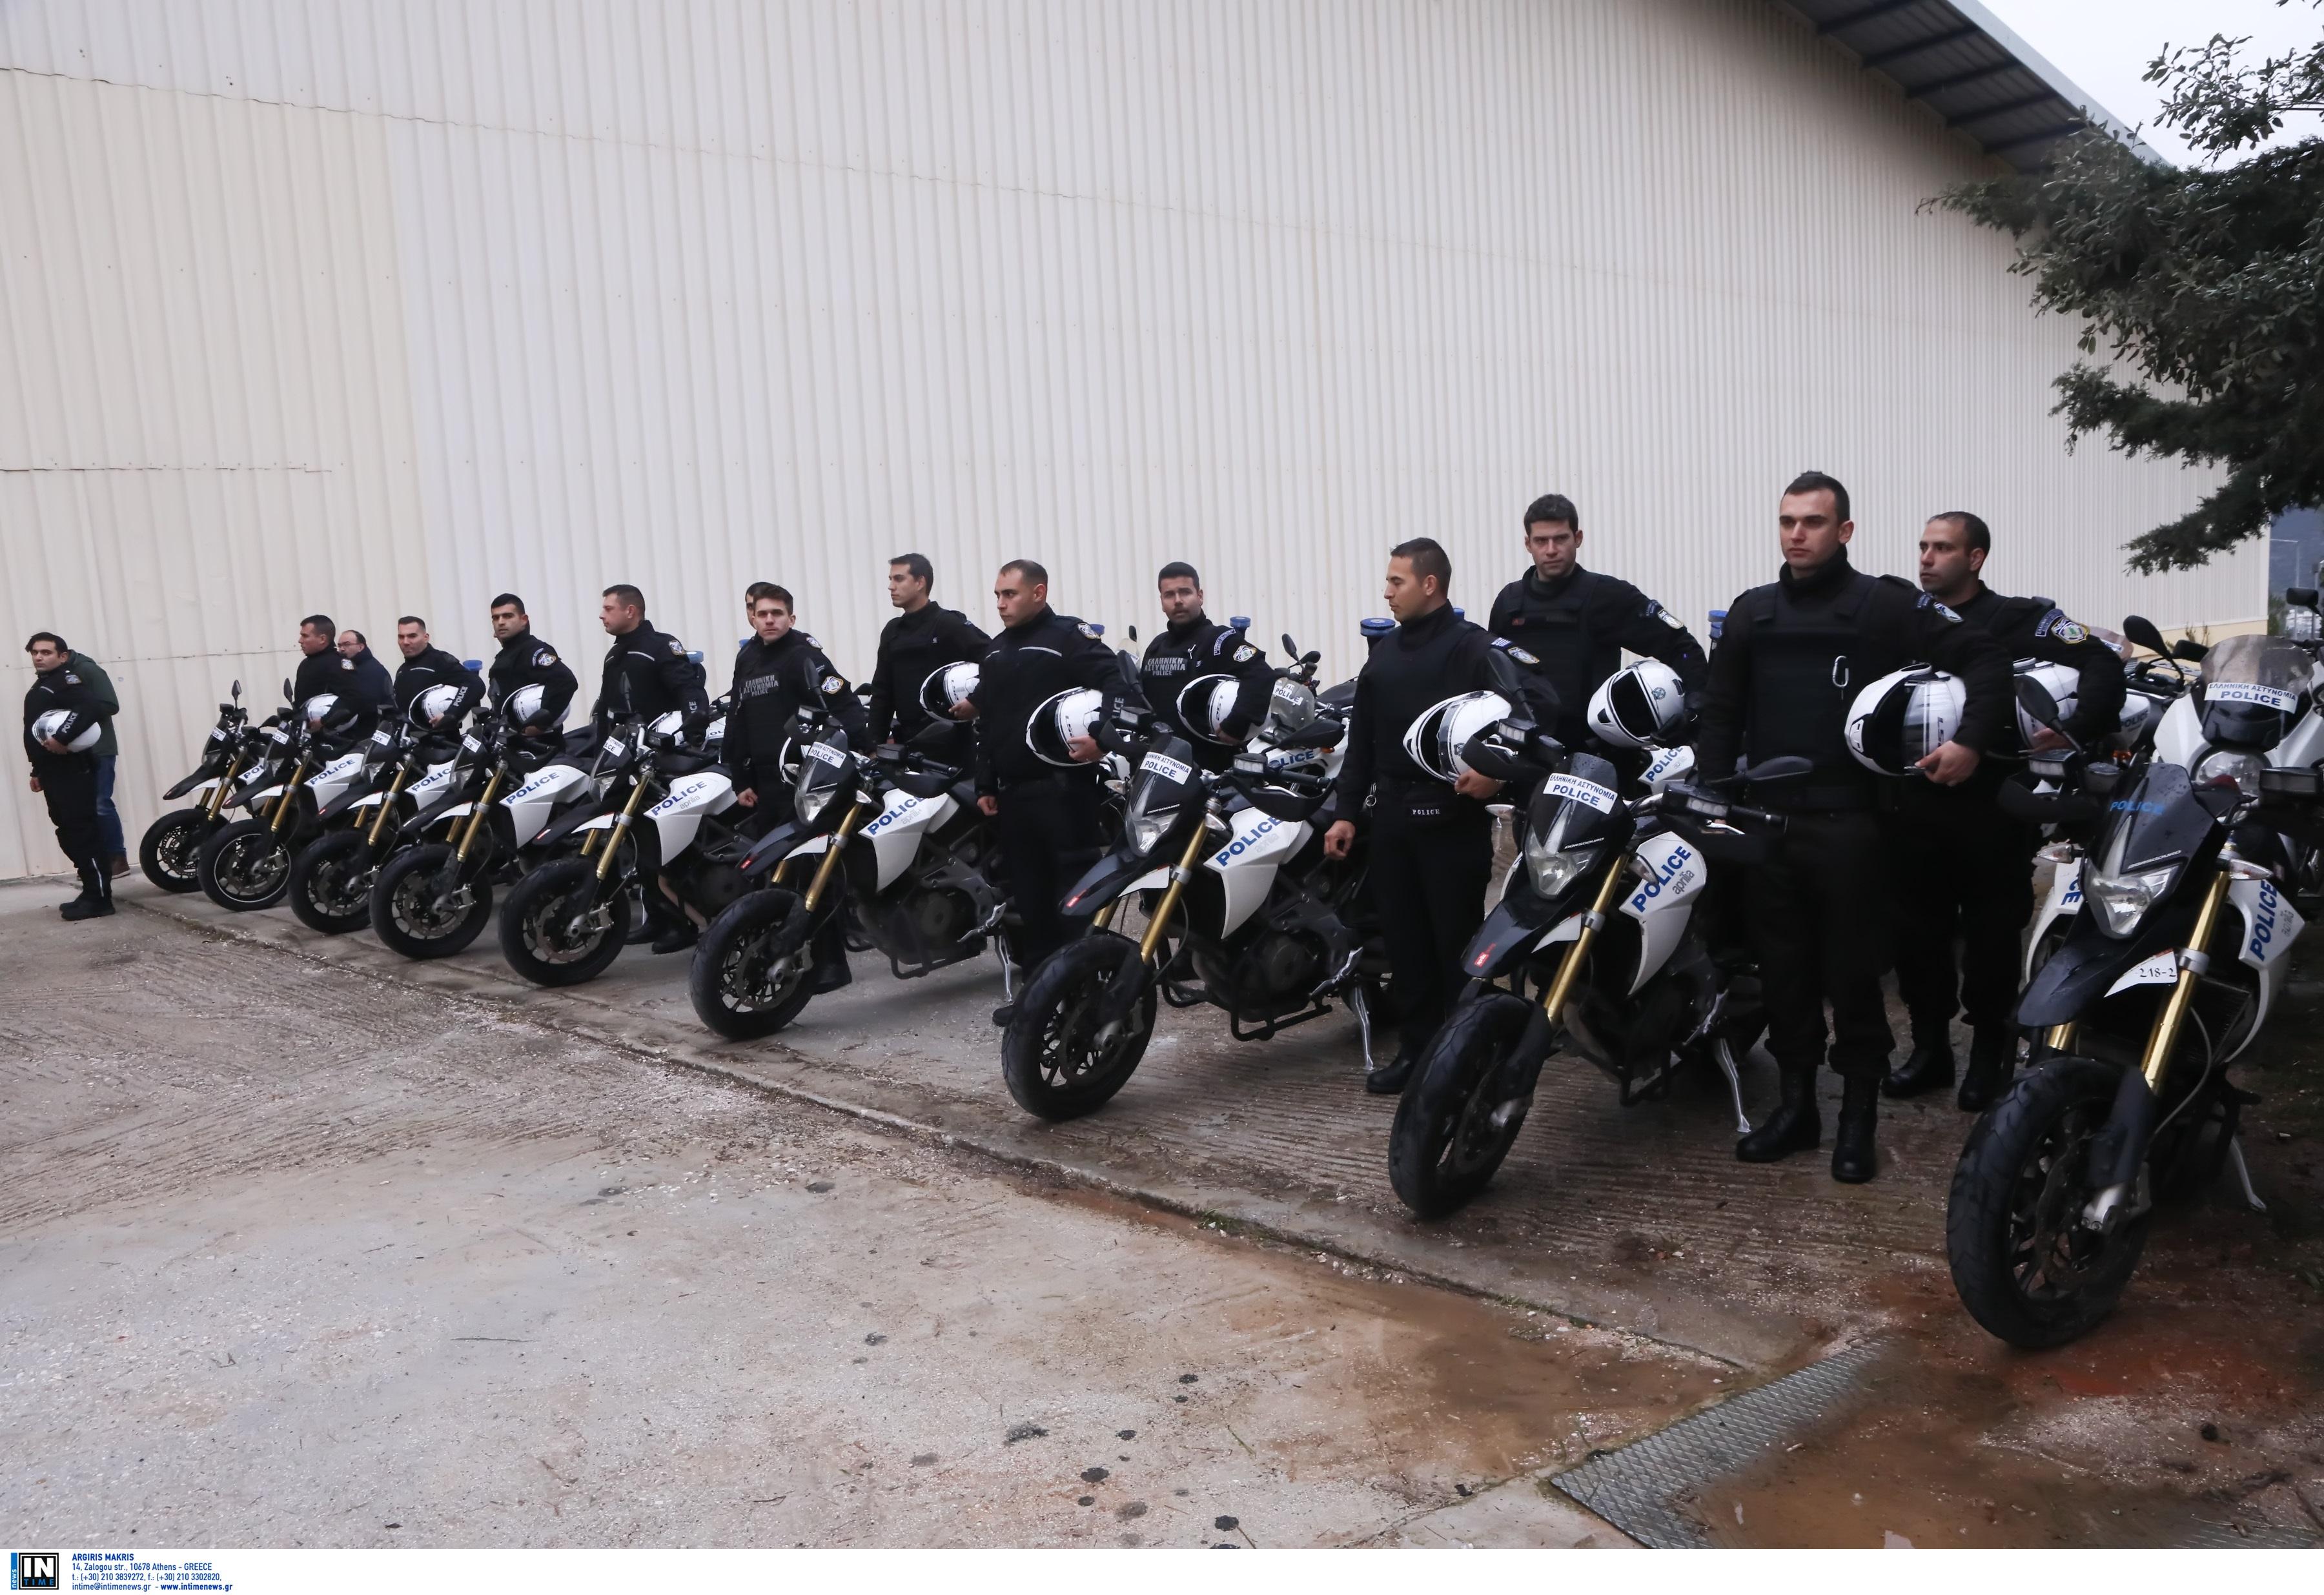 Λ. Οικονόμου: Αυξάνονται κατά 50% οι περιπολίες της ομάδας ΔΙΑΣ με 1.200 ειδικούς φρουρούς